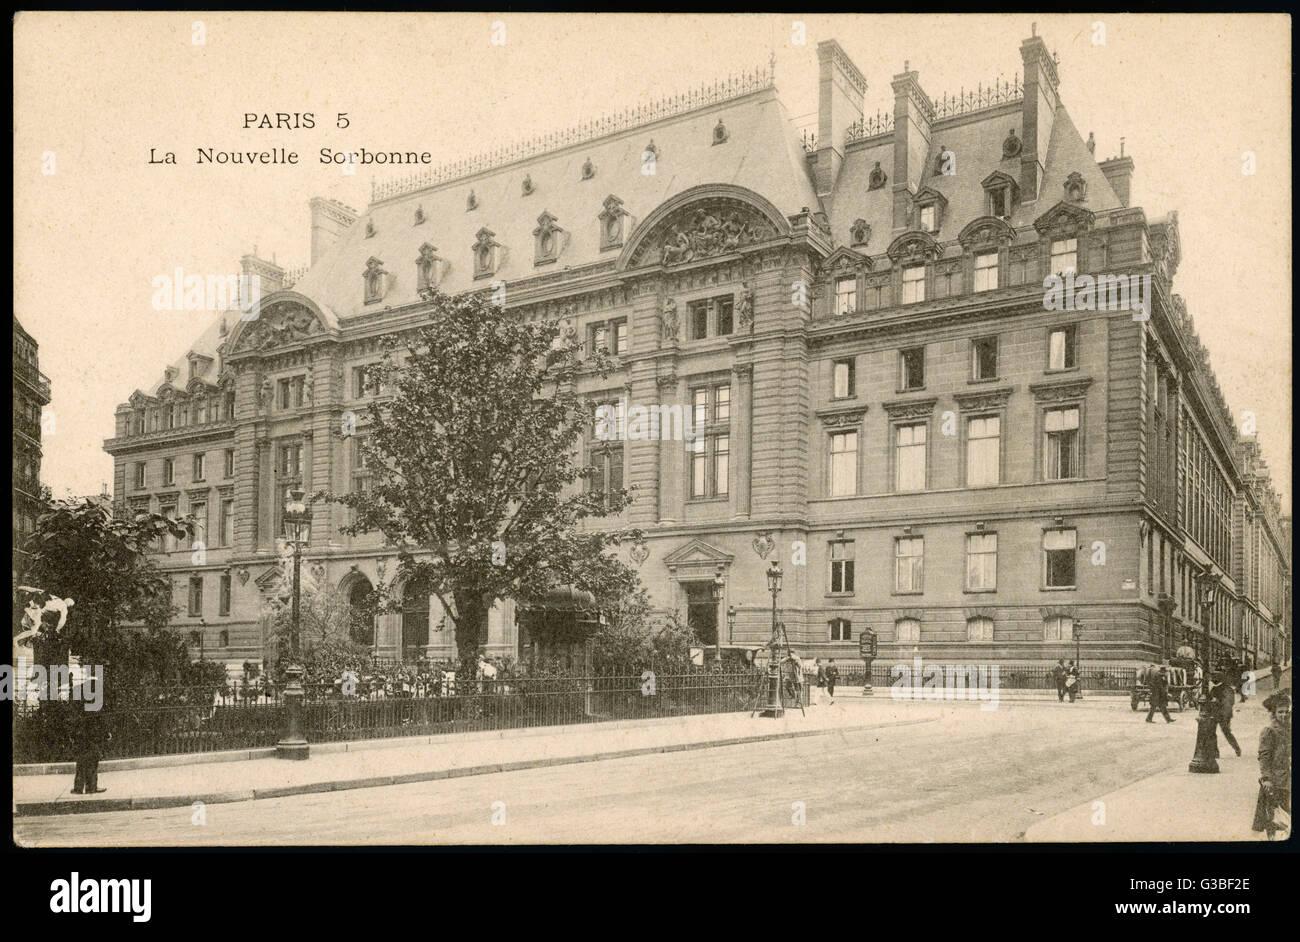 The Sorbonne, Paris: external view.        Date: 1905 - Stock Image